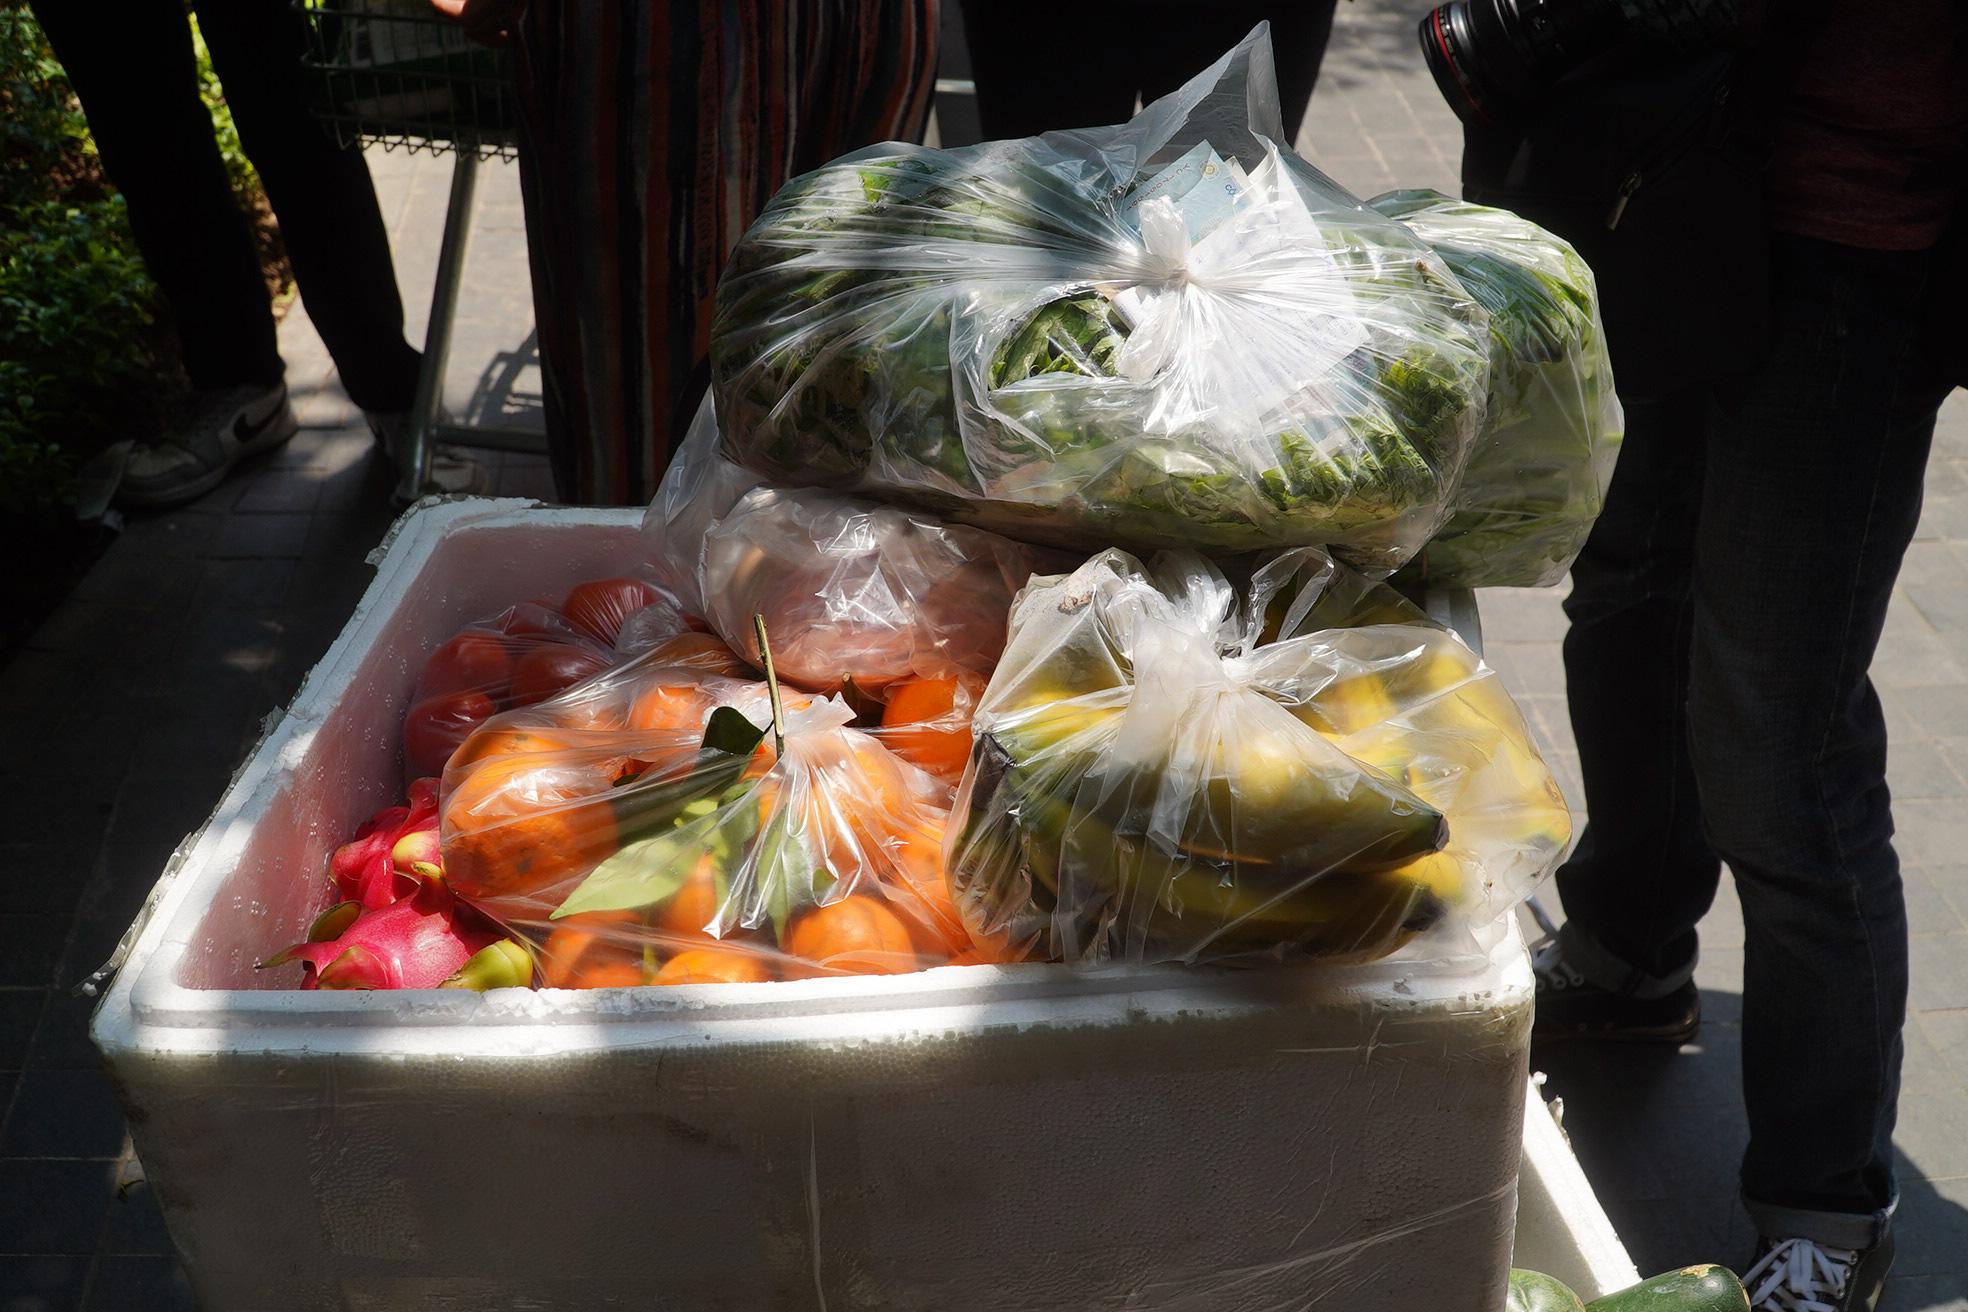 Phong tỏa, tiếp tế đồ ăn chung cư ở Times City có chuyên gia Ấn Độ dương tính với SARS-CoV-2 - Ảnh 10.